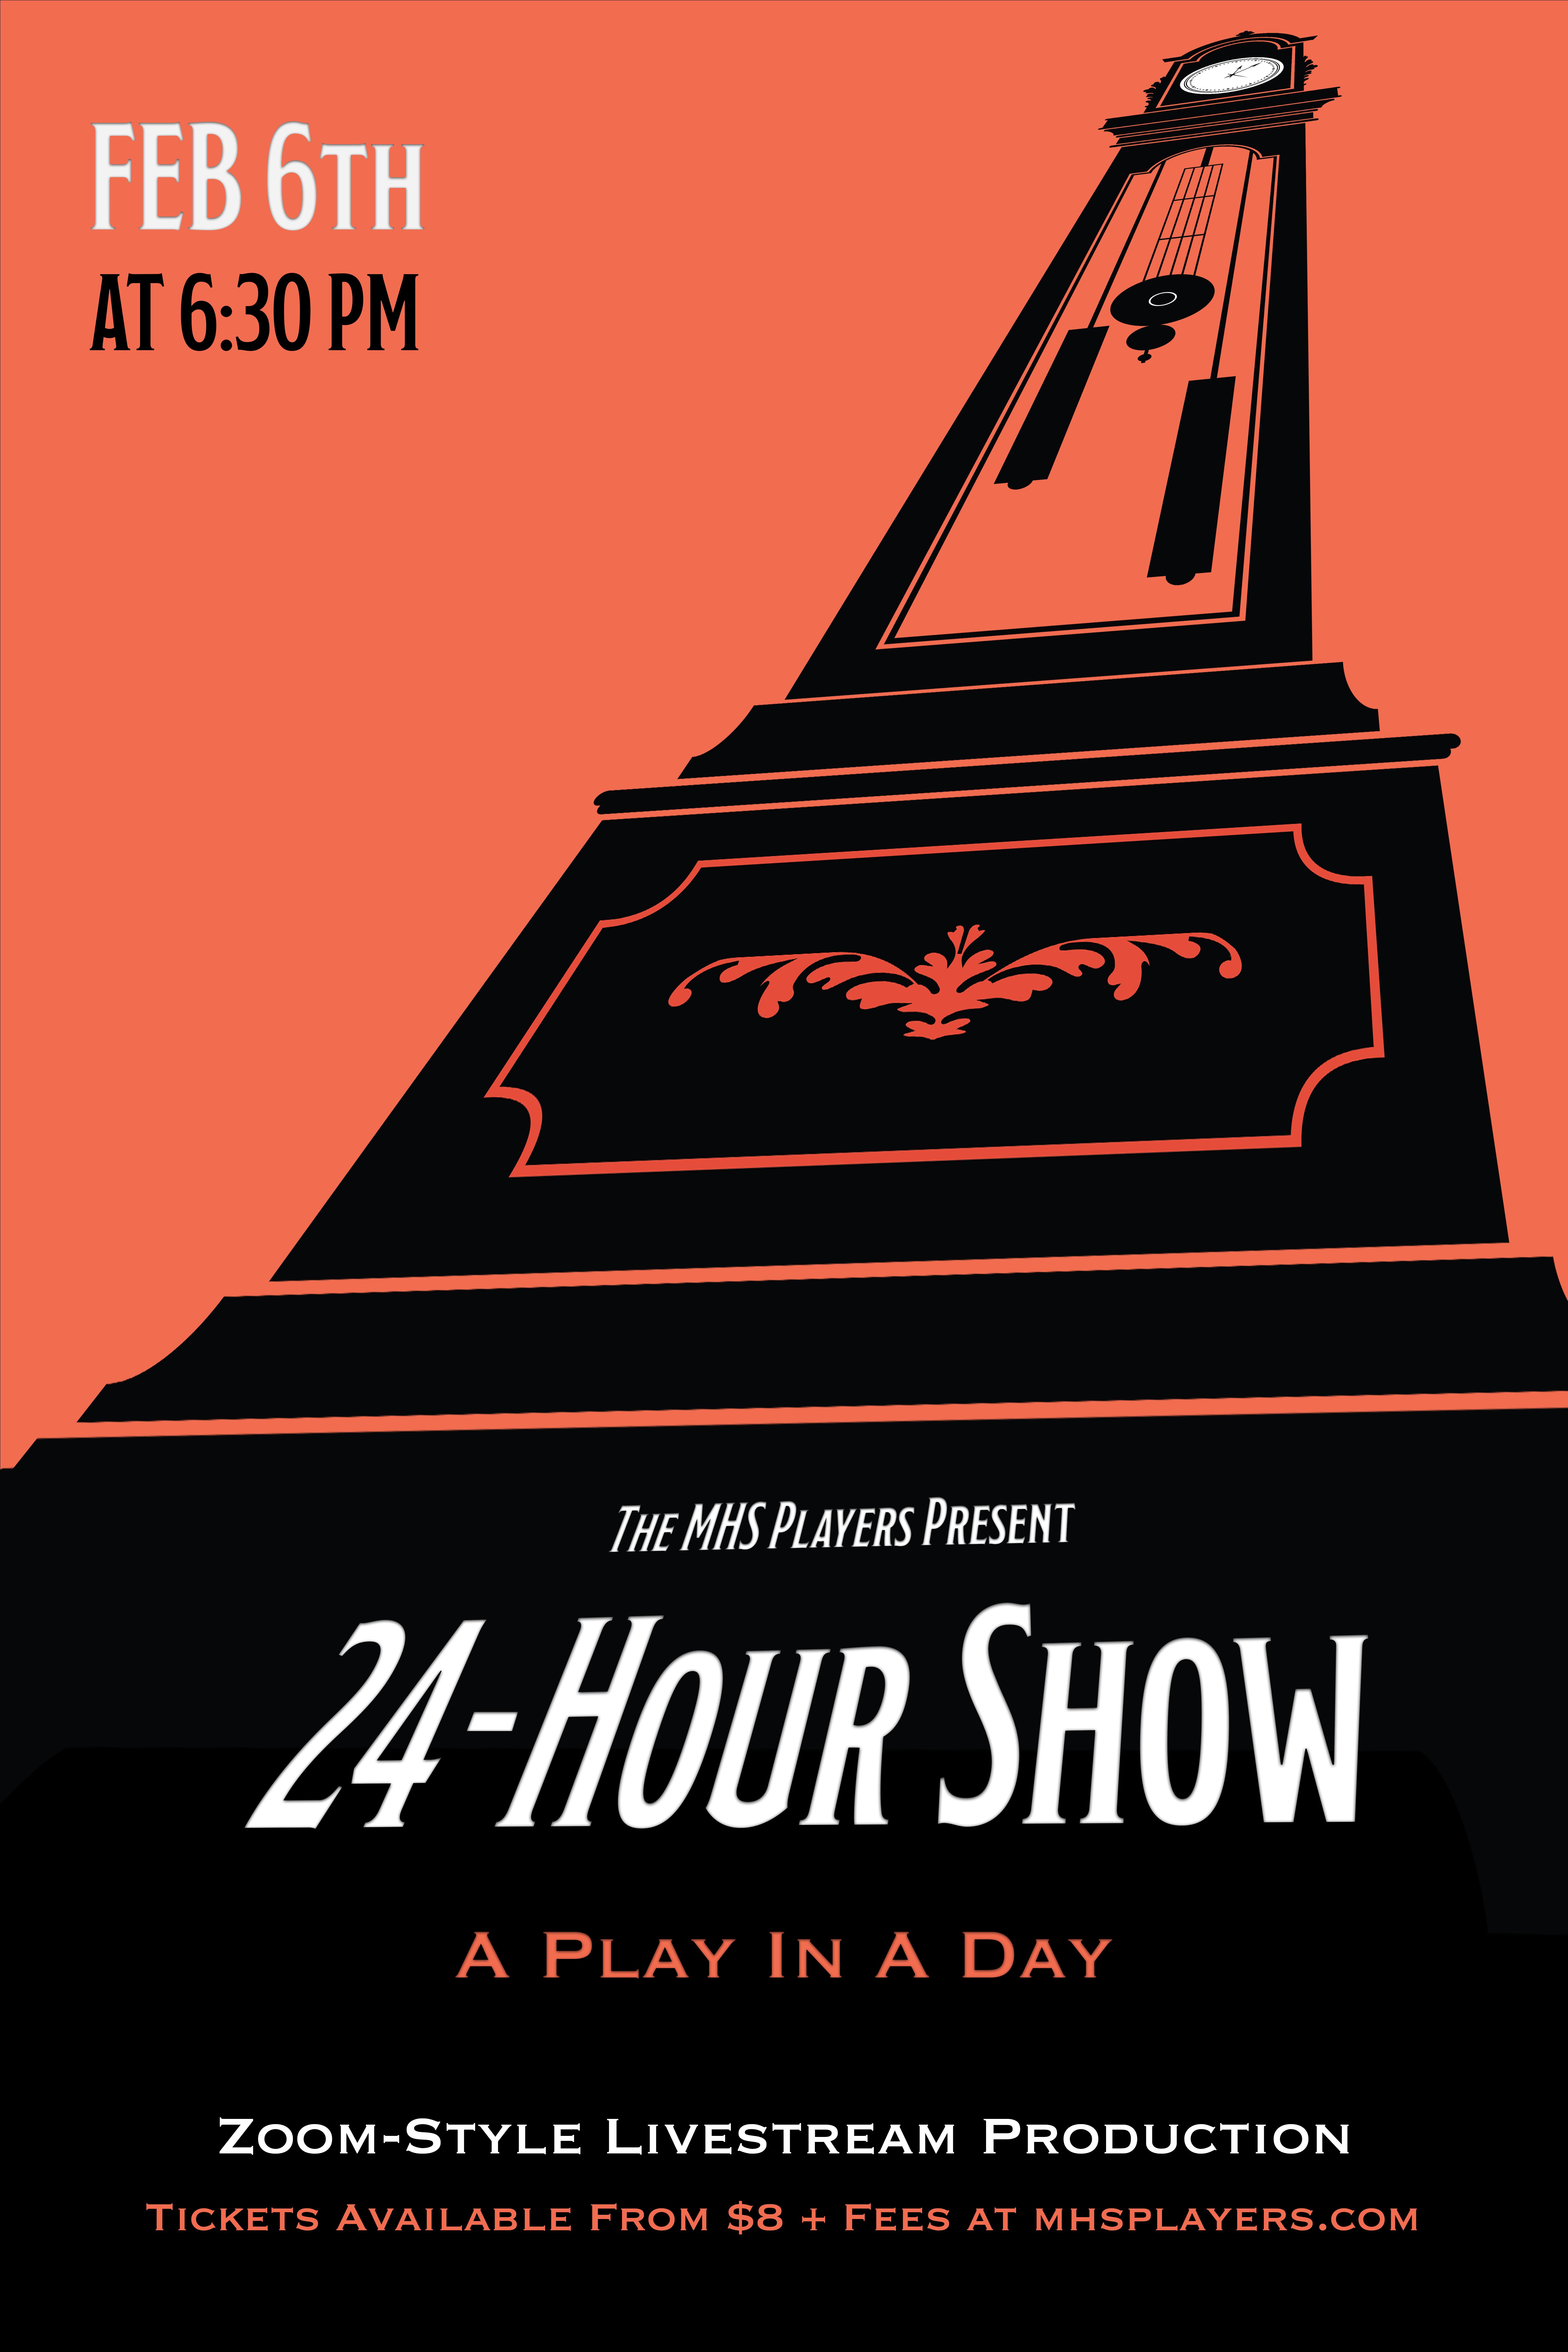 24-Hour Show